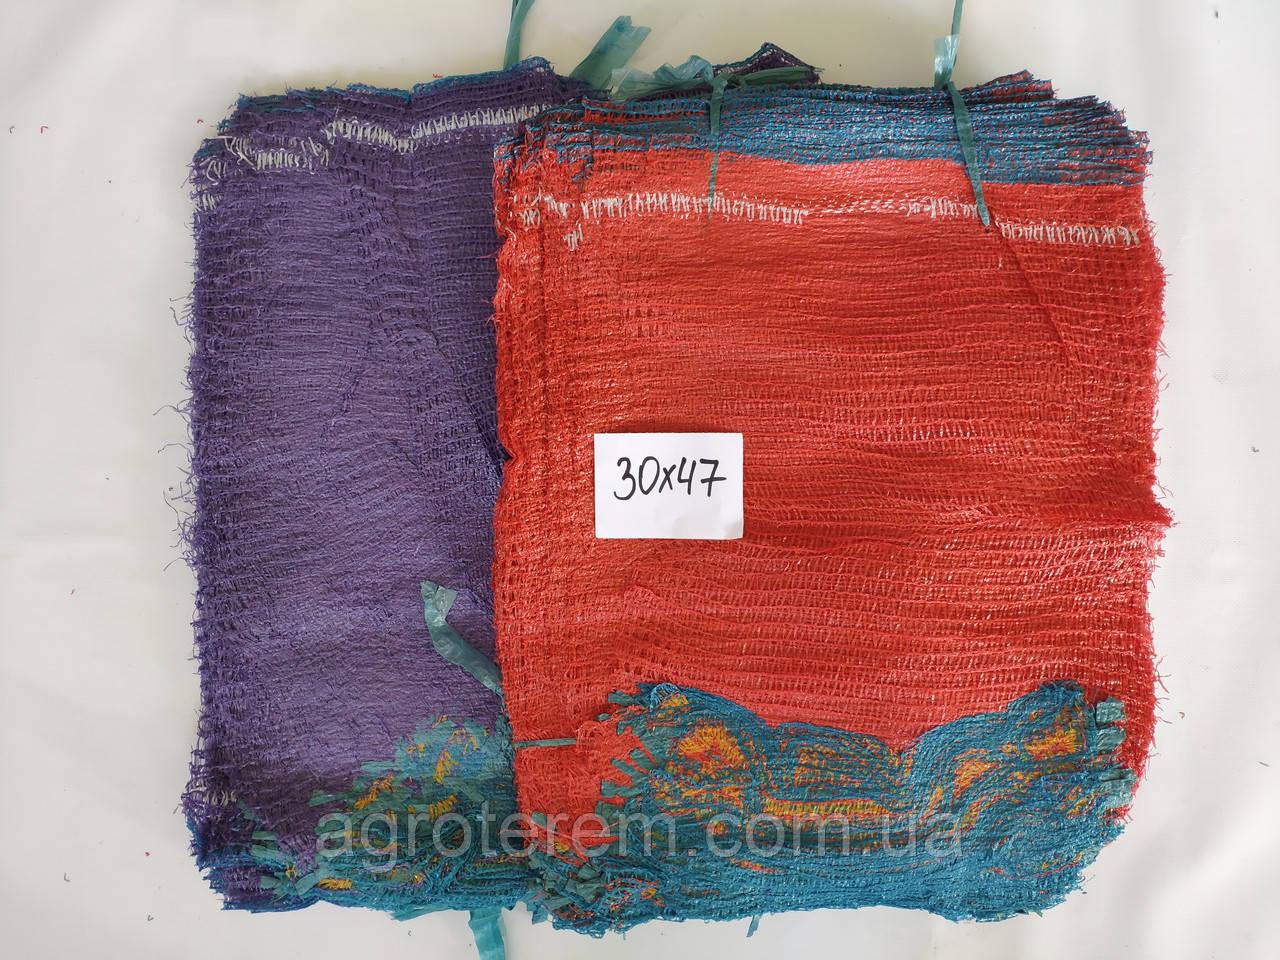 Сетка овощная 30х47 (до 10кг) красная, фиолетовая, оранжевая  с ручкой,  1000 шт